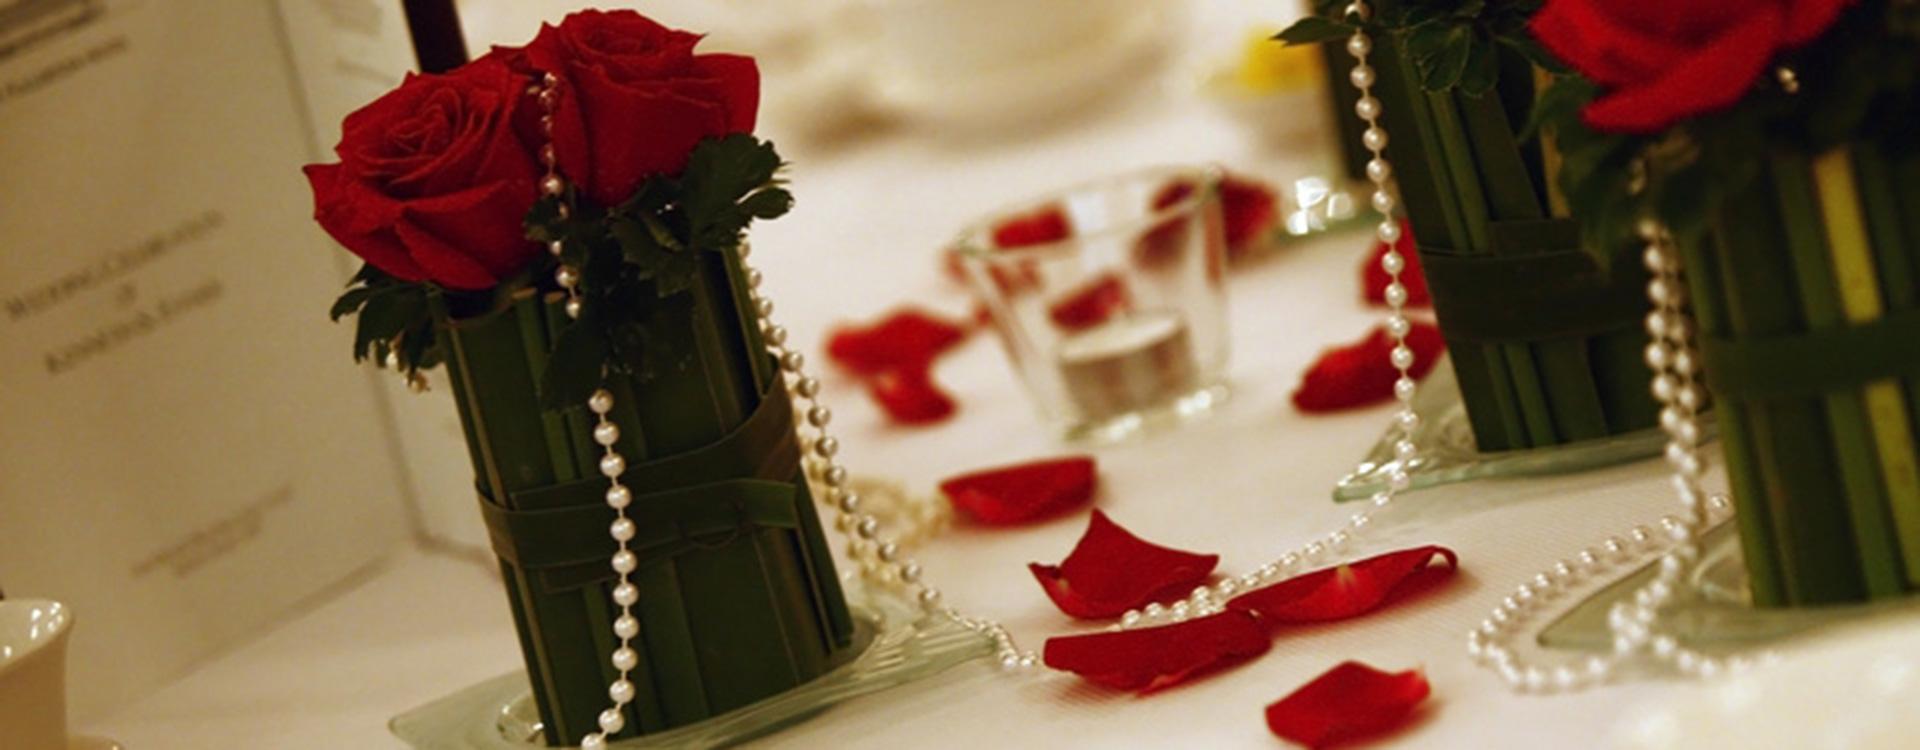 03_Hochzeitstafel